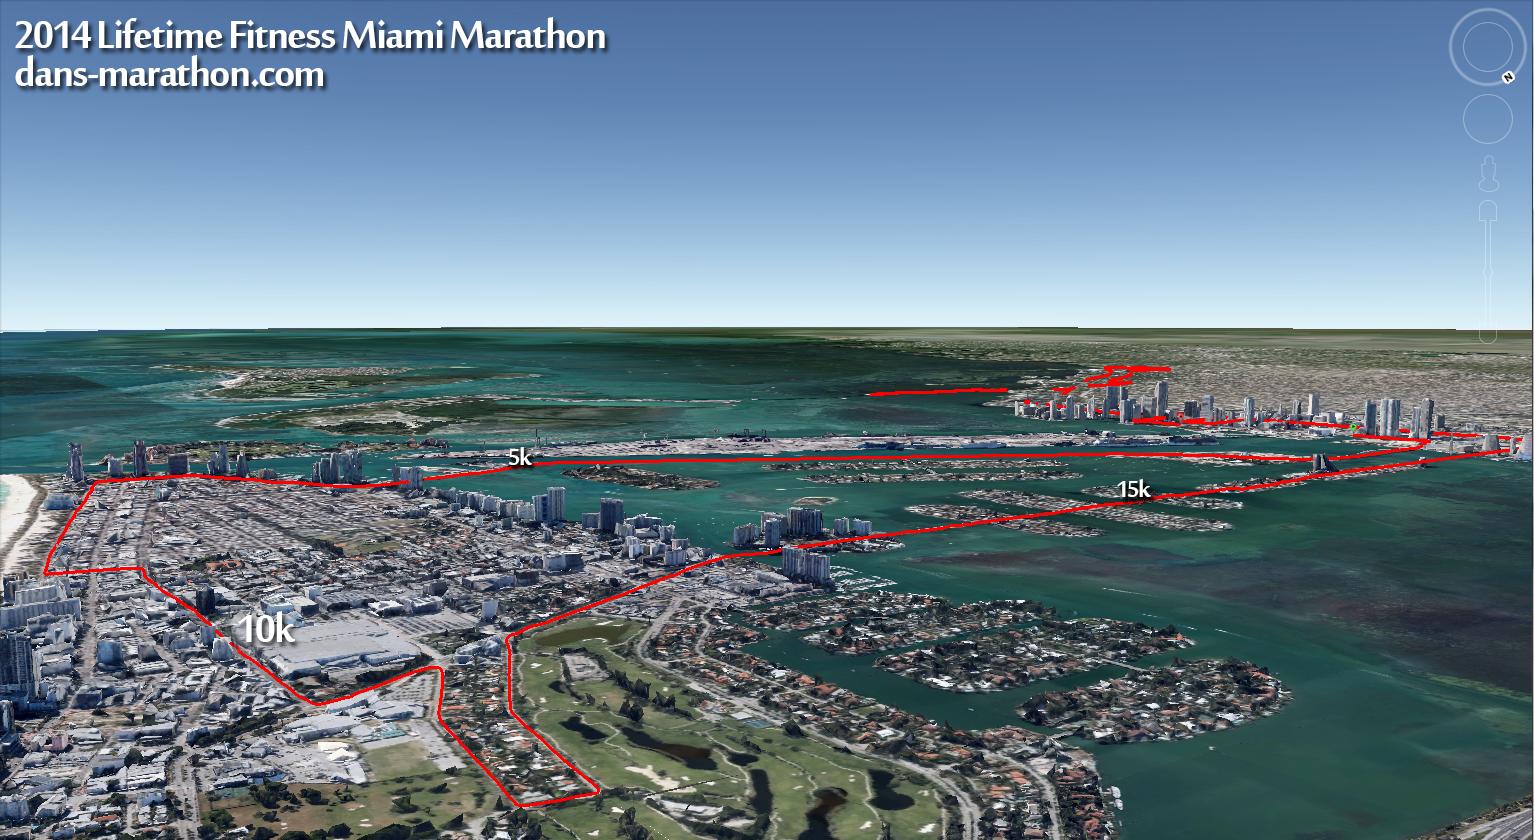 Miami Beach Marathon